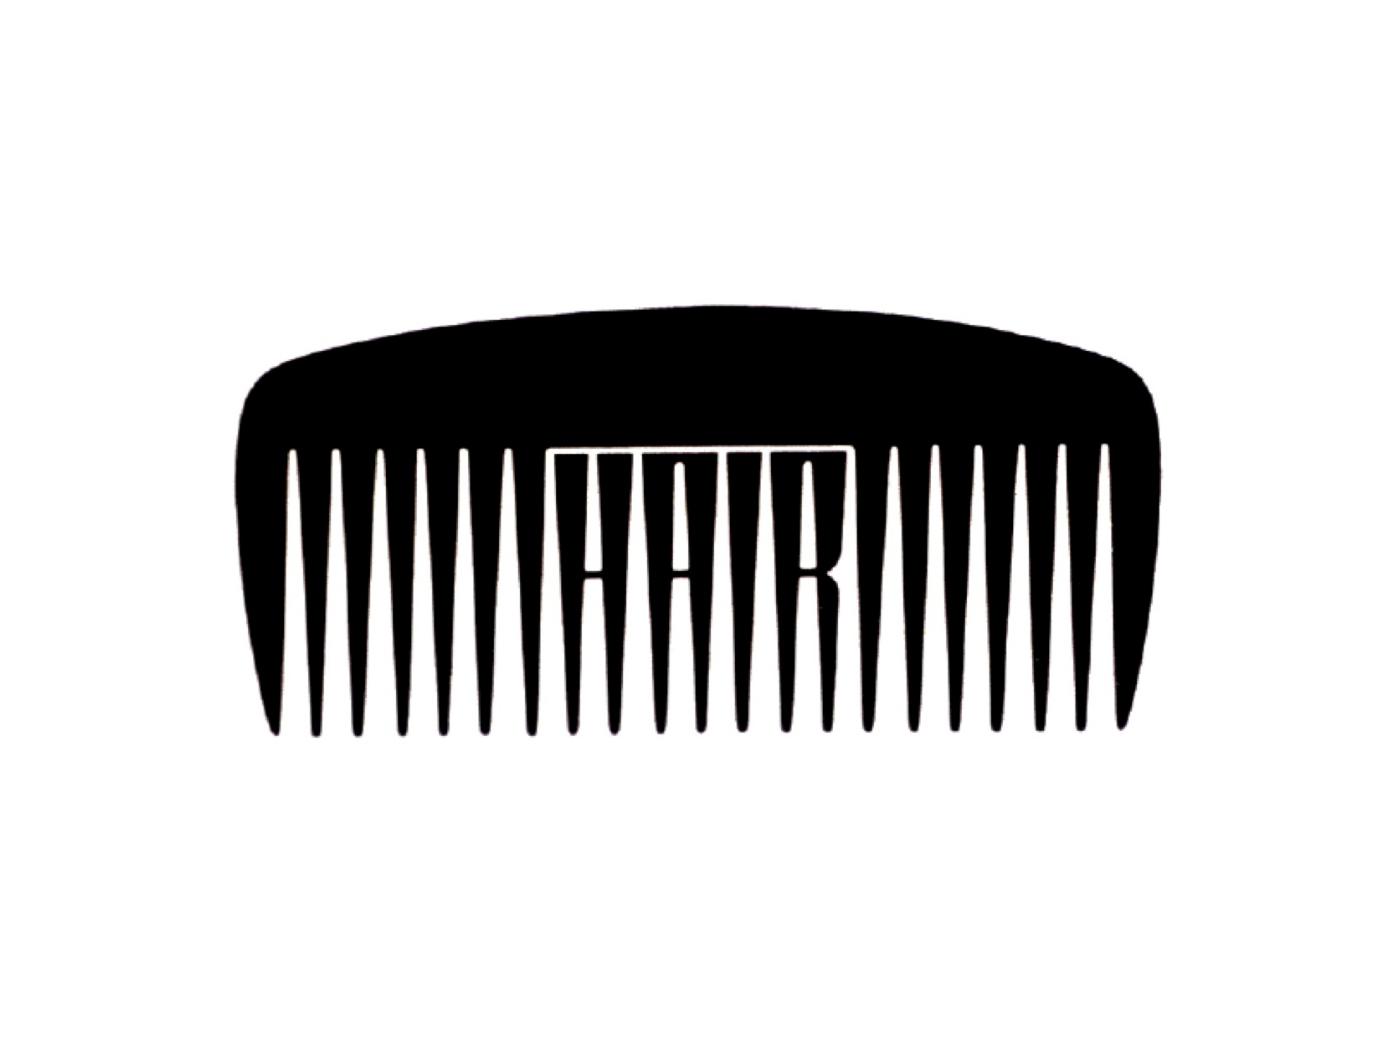 Hair logo by Woody Pirtle